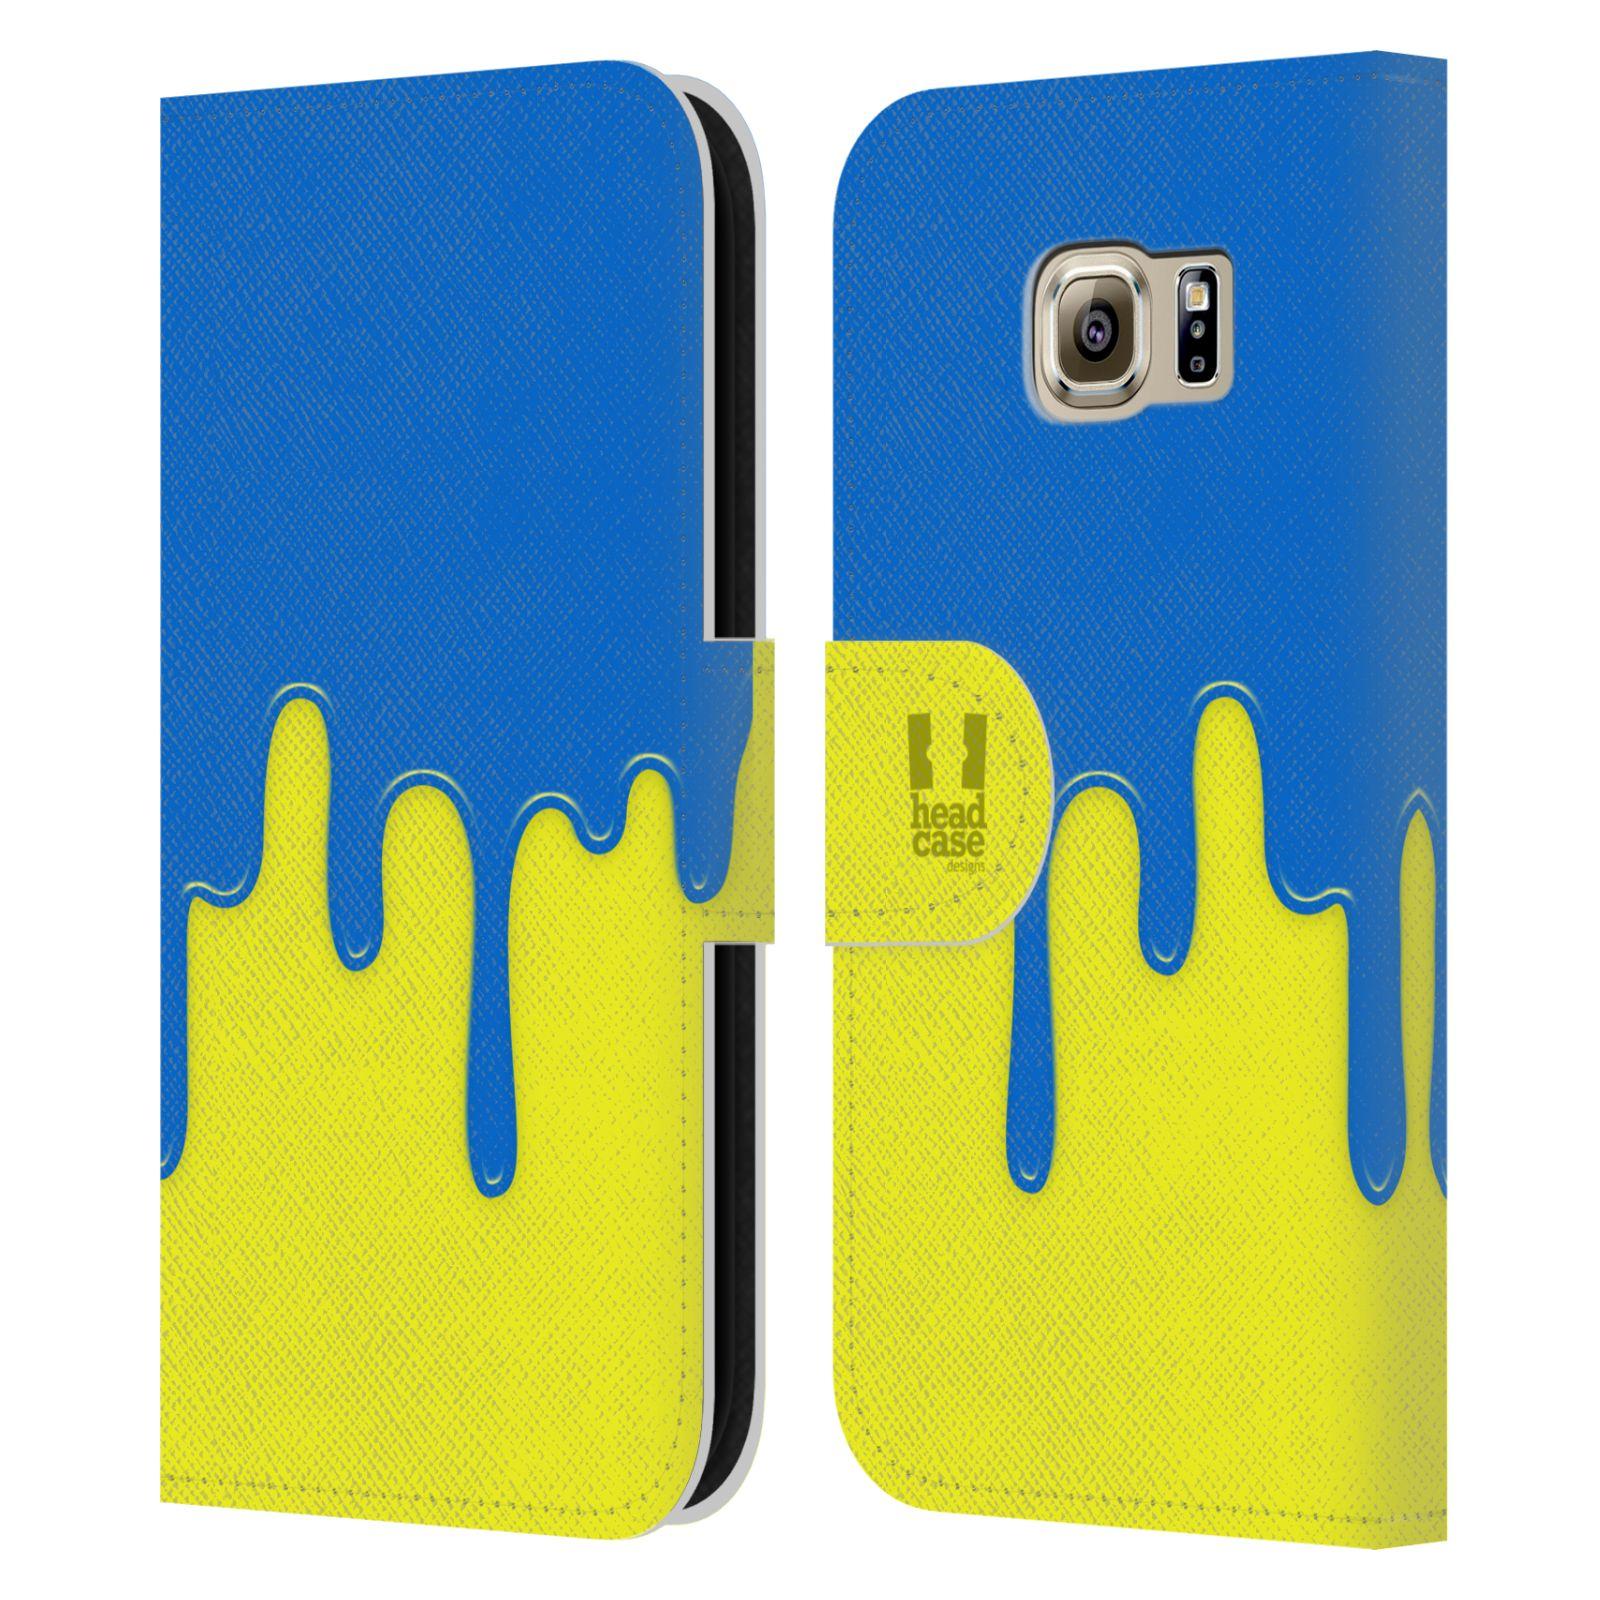 HEAD CASE Flipové pouzdro pro mobil Samsung Galaxy S6 (G9200) Rozlitá barva modrá a žlutá